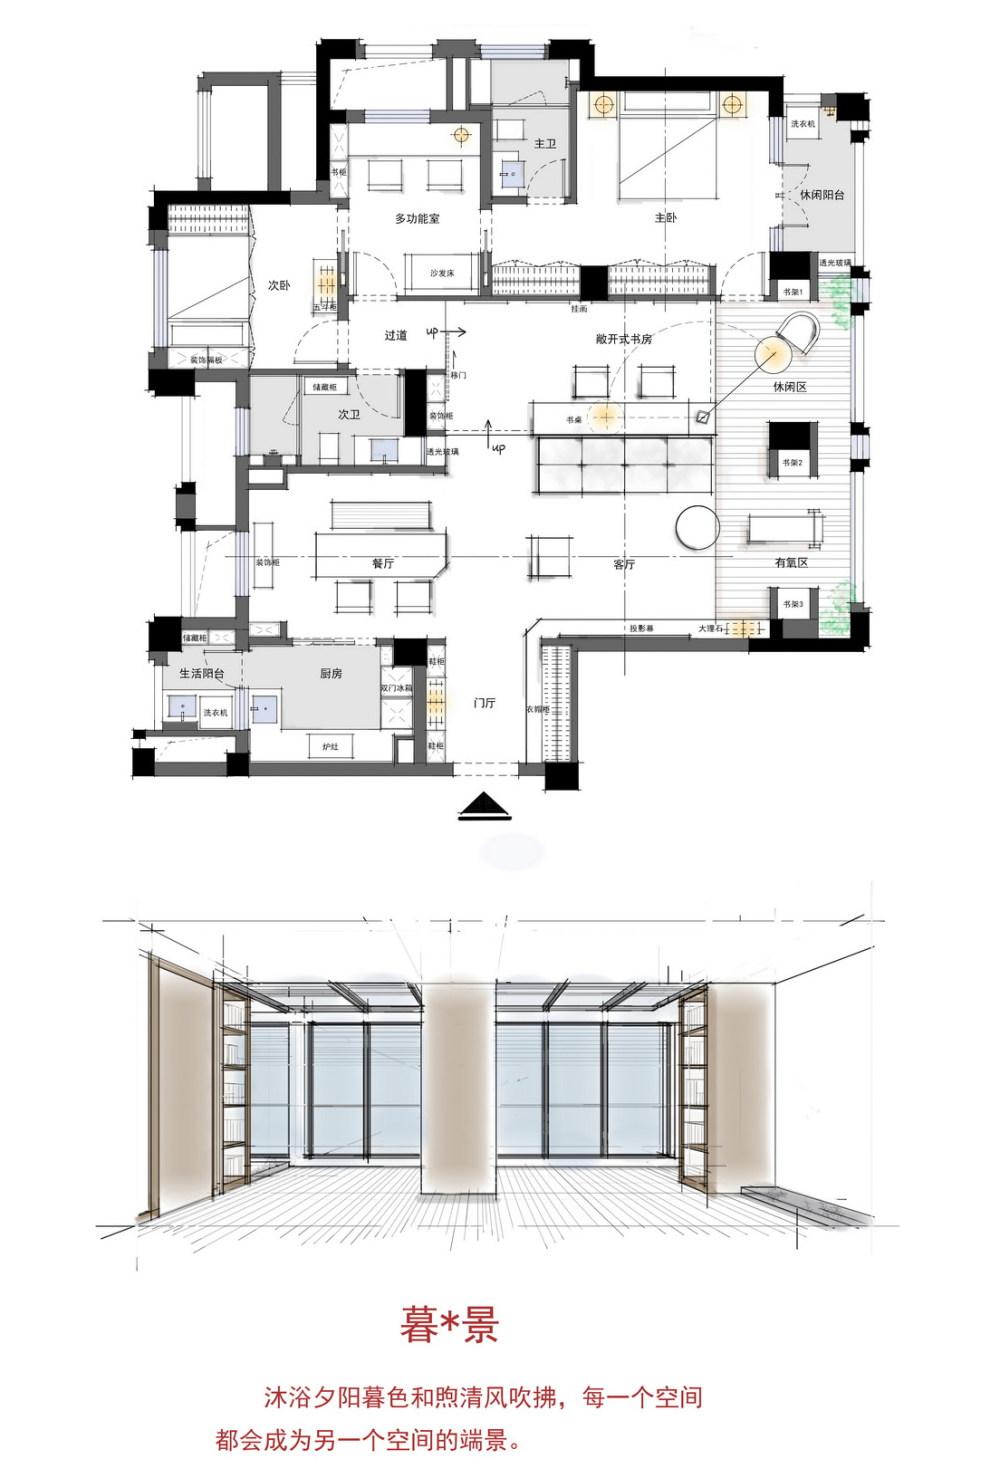 【第15期-住宅平面优化】一个150m²平层16组方案 投票奖励DB_【02】.jpg